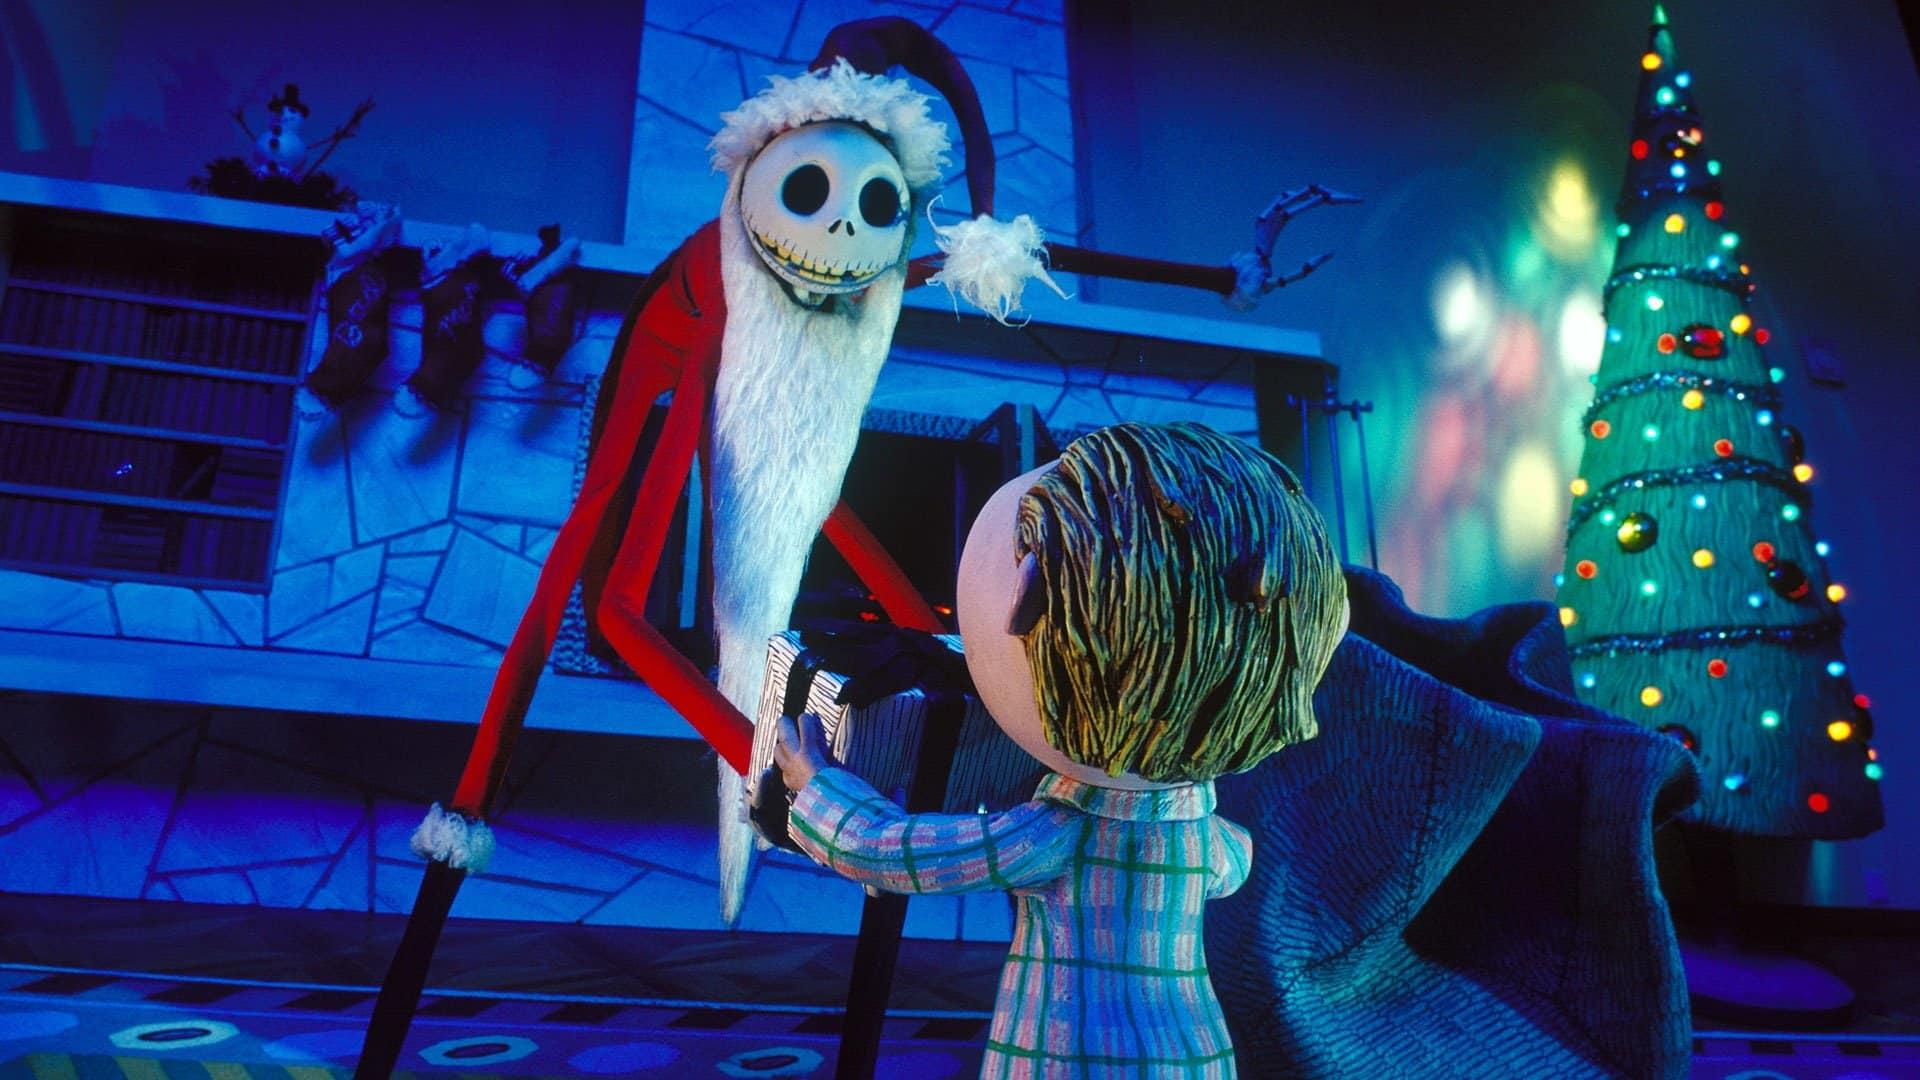 animované filmy Halloween - predvianocna nocna mora